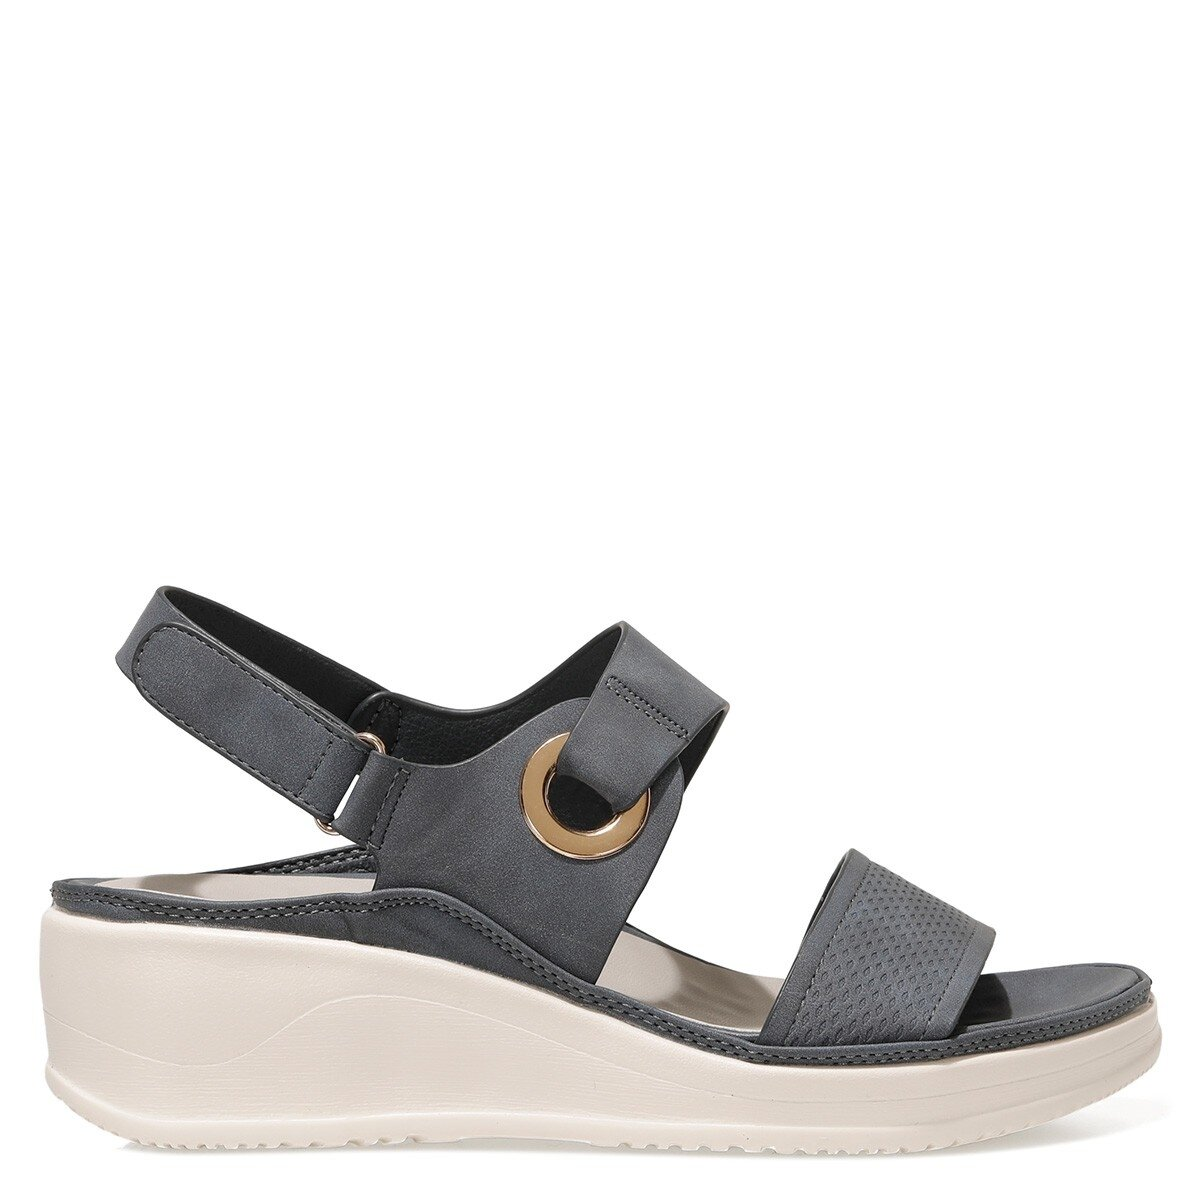 ACADDA 1FX Lacivert Kadın Sandalet